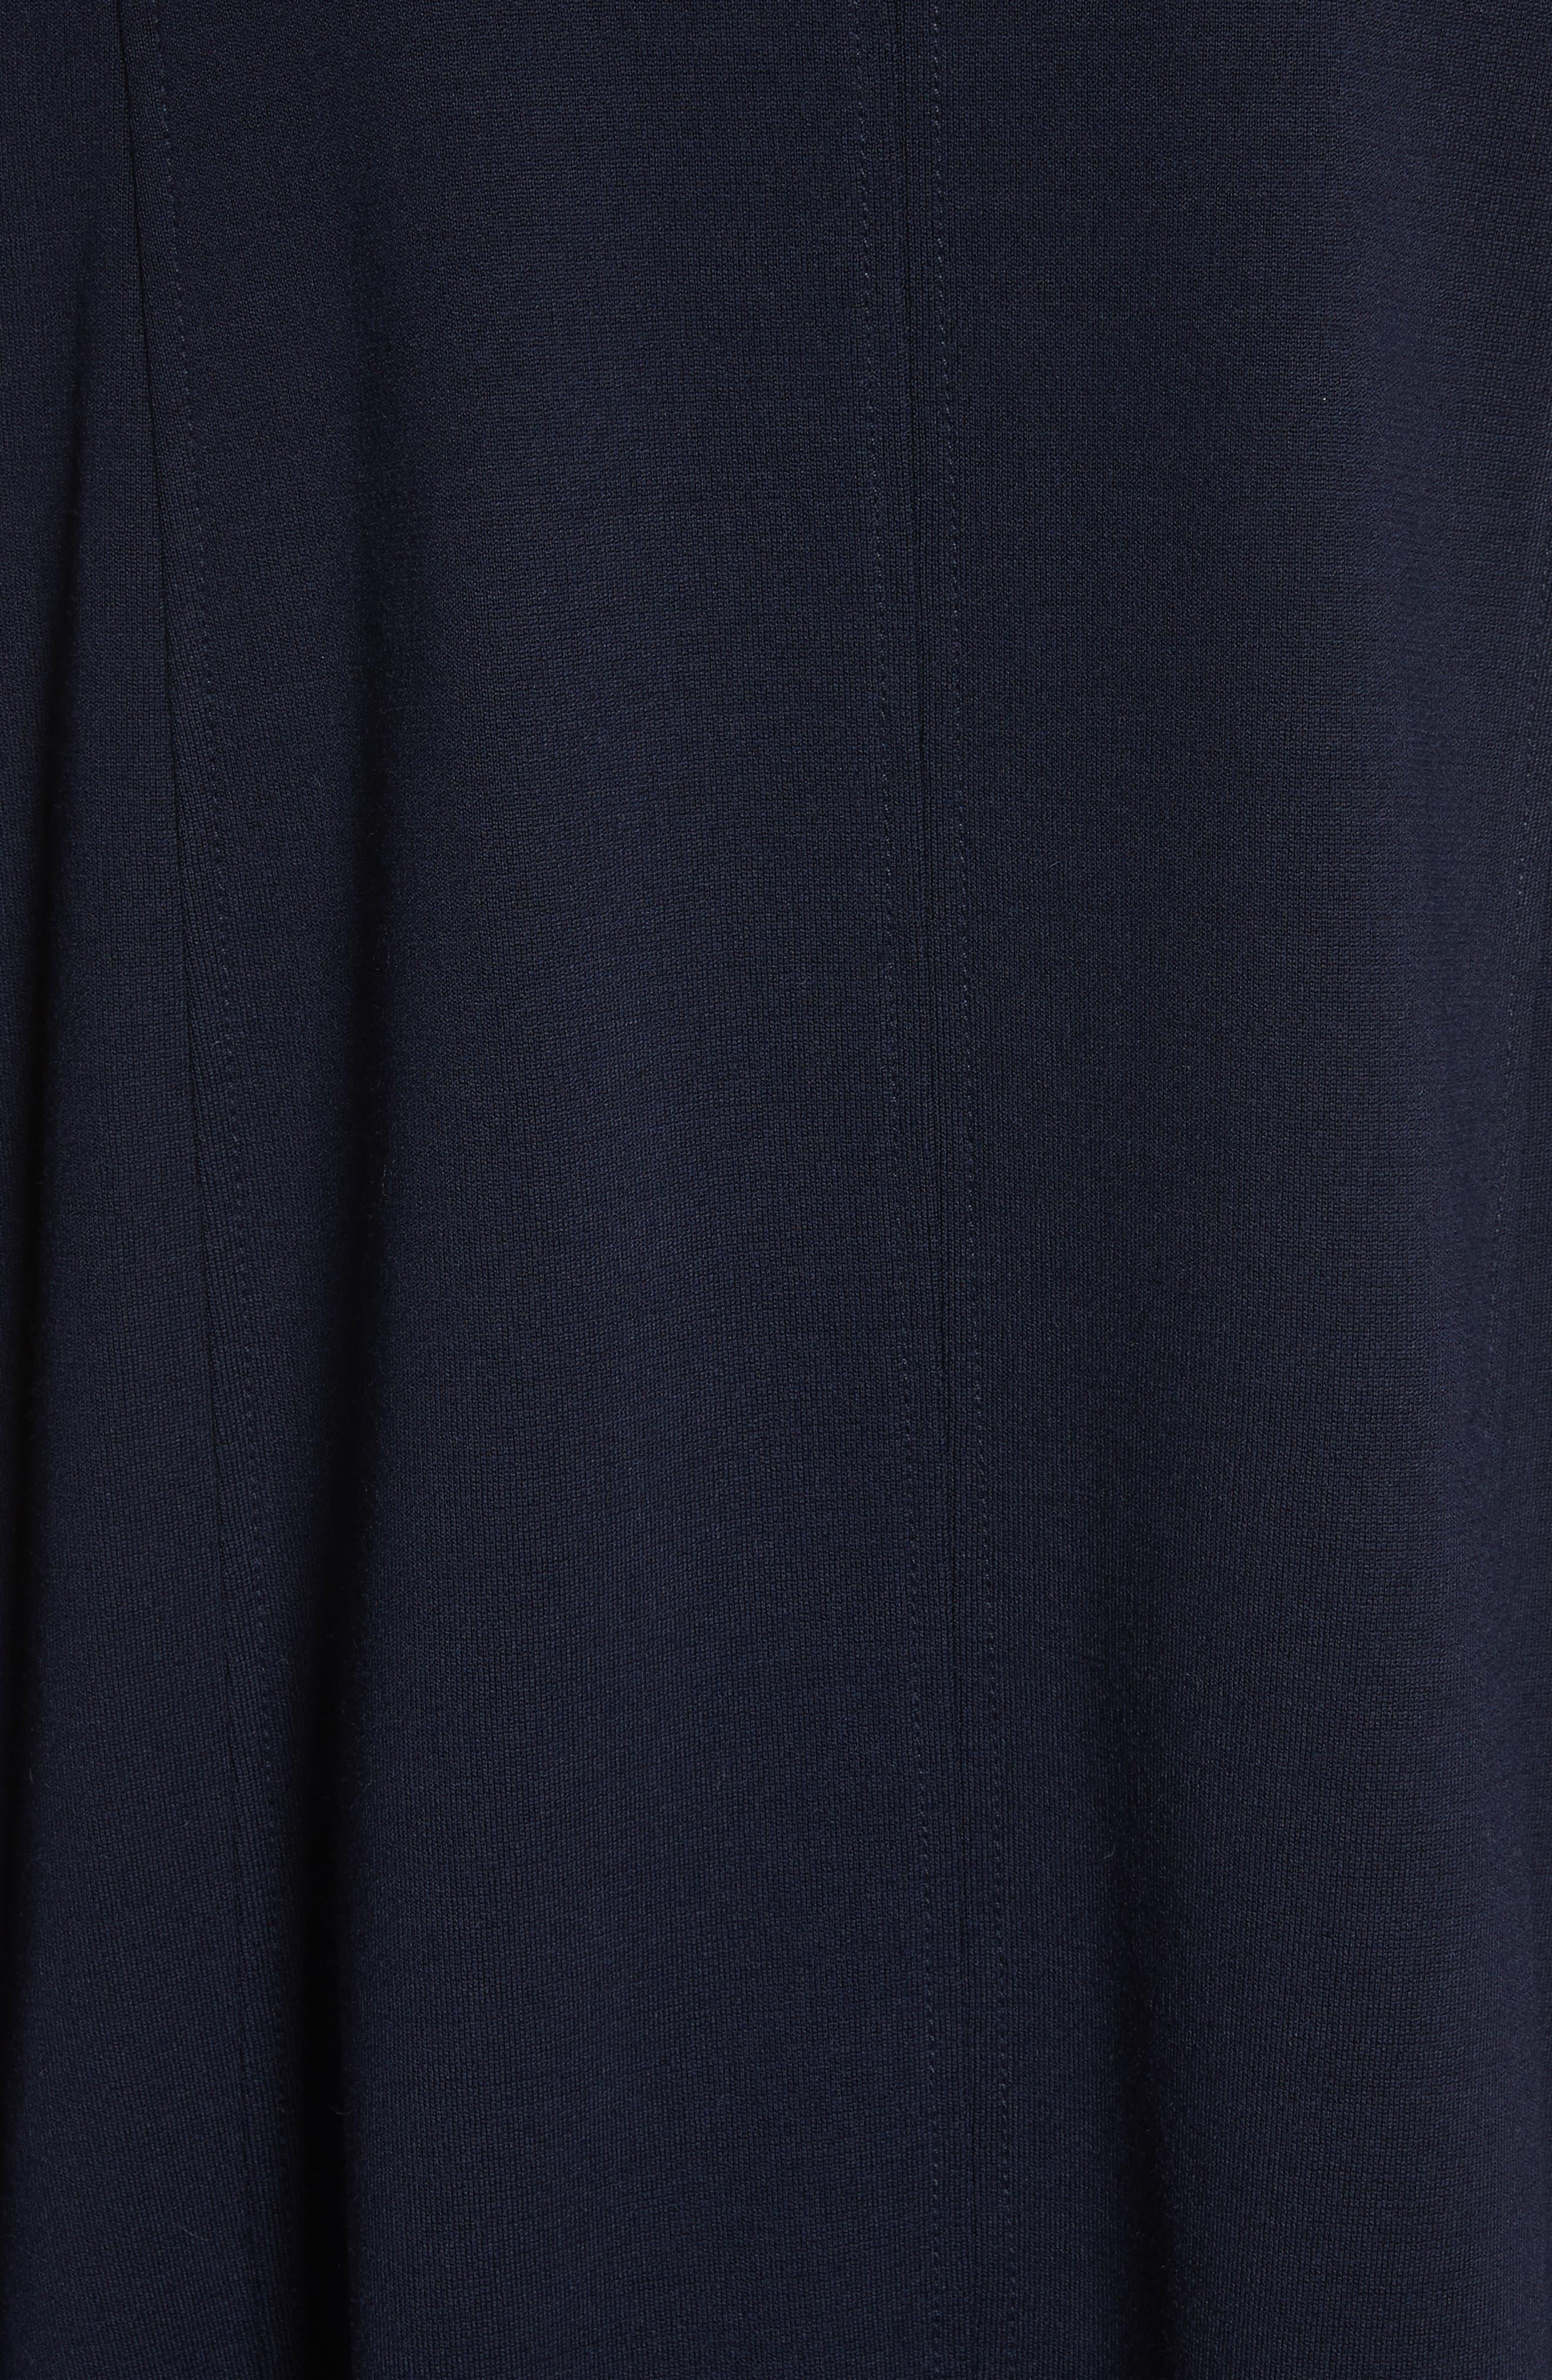 Circular Milano Knit Jacket,                             Alternate thumbnail 6, color,                             410